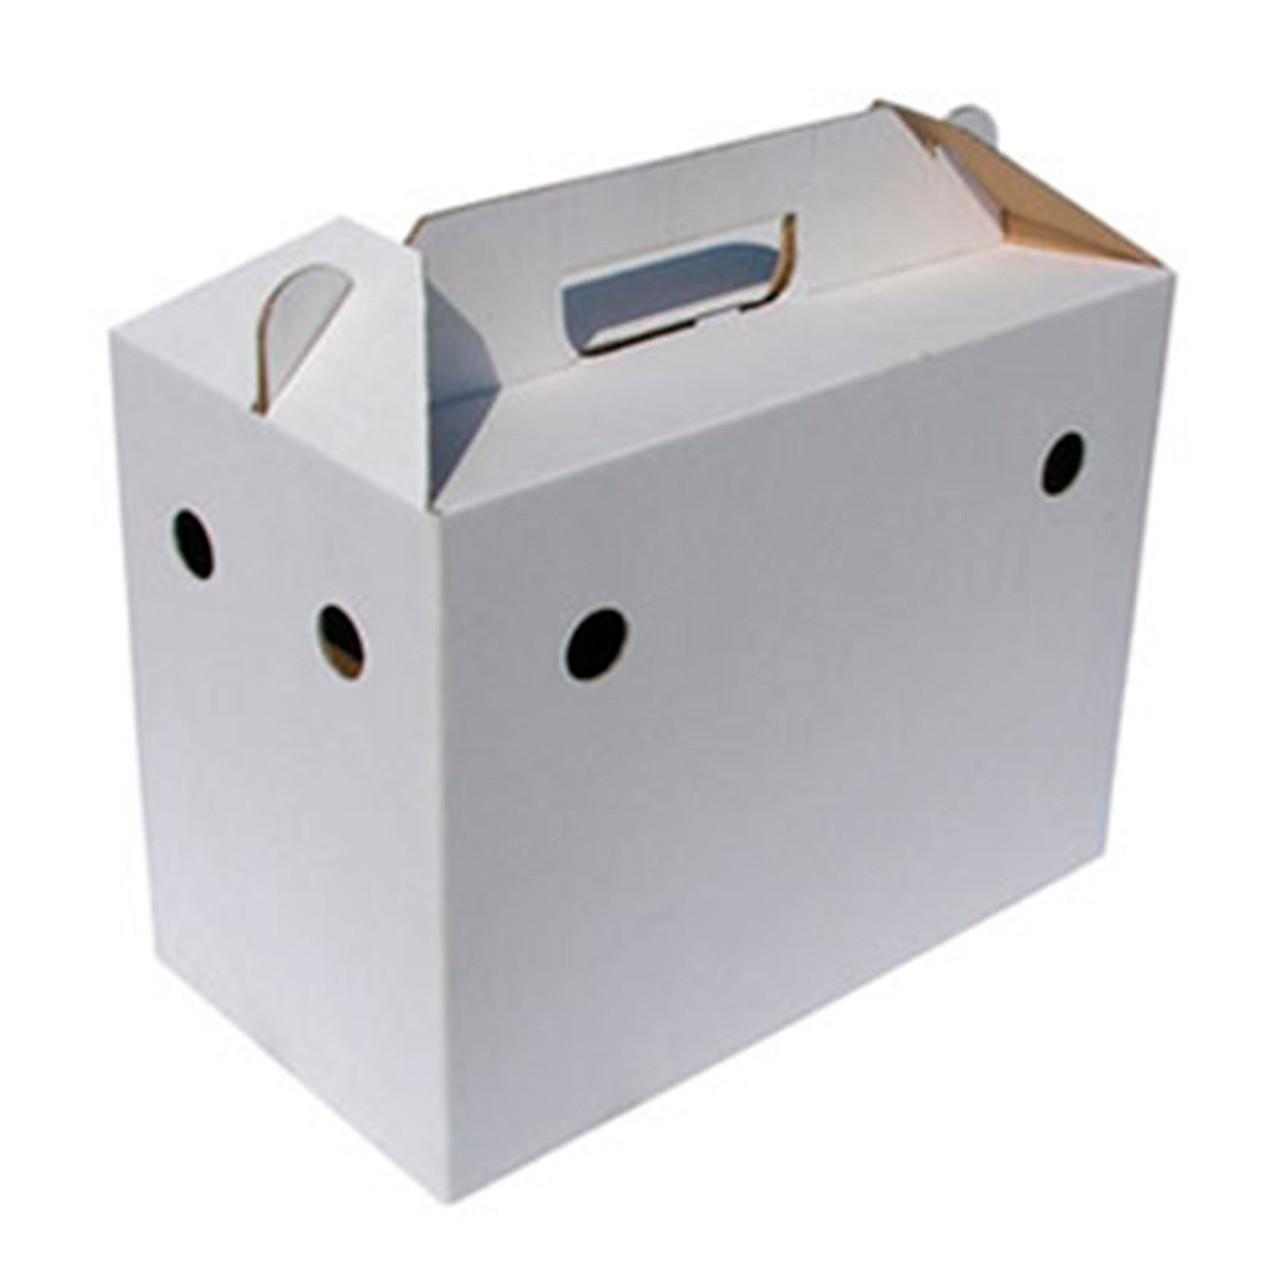 Single Bird Shipping Box